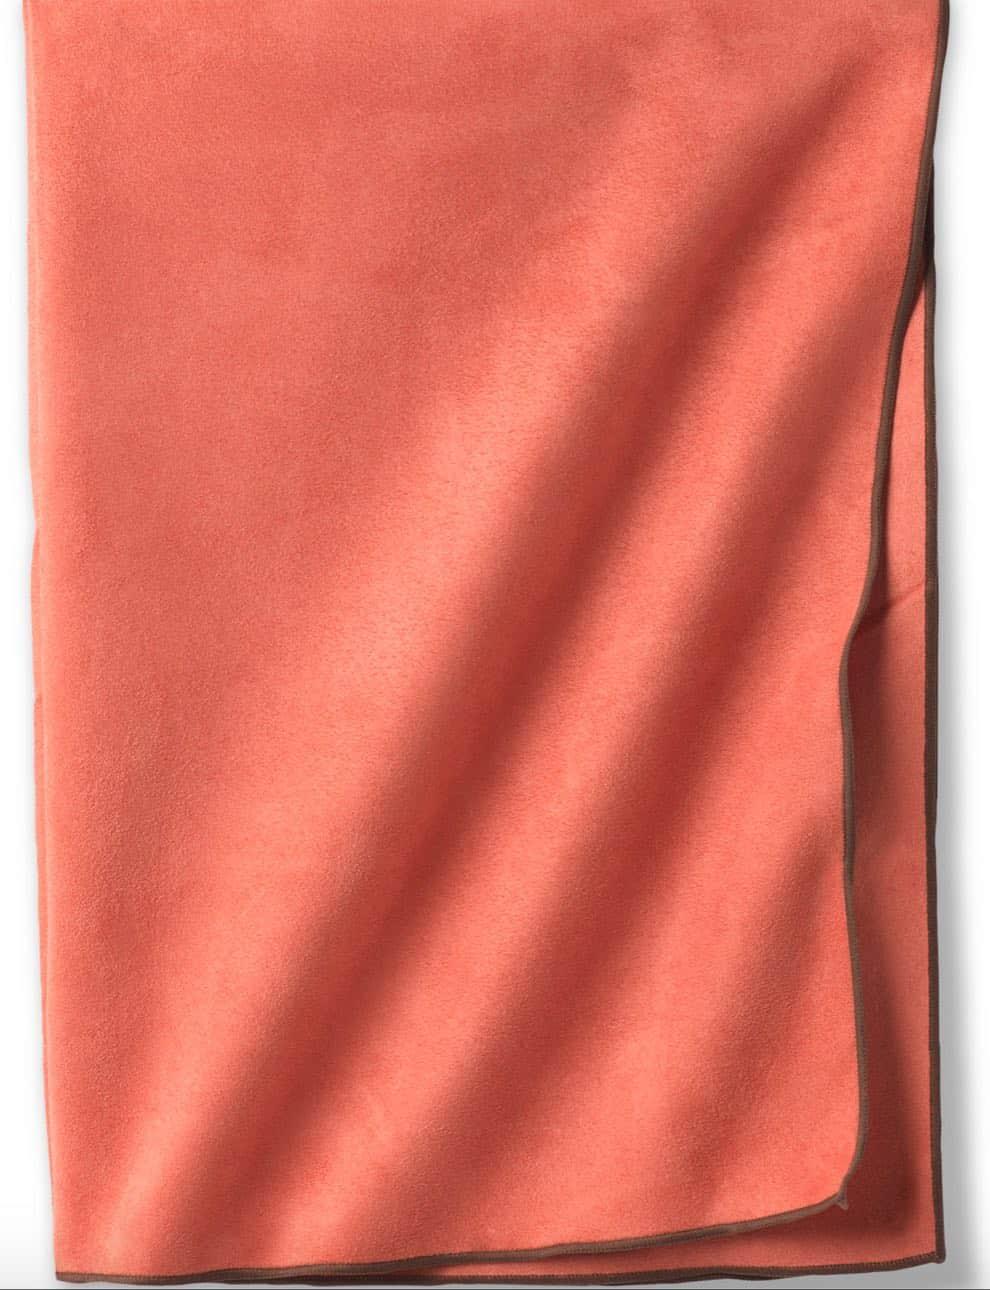 Maha Yoga Towel: prAna